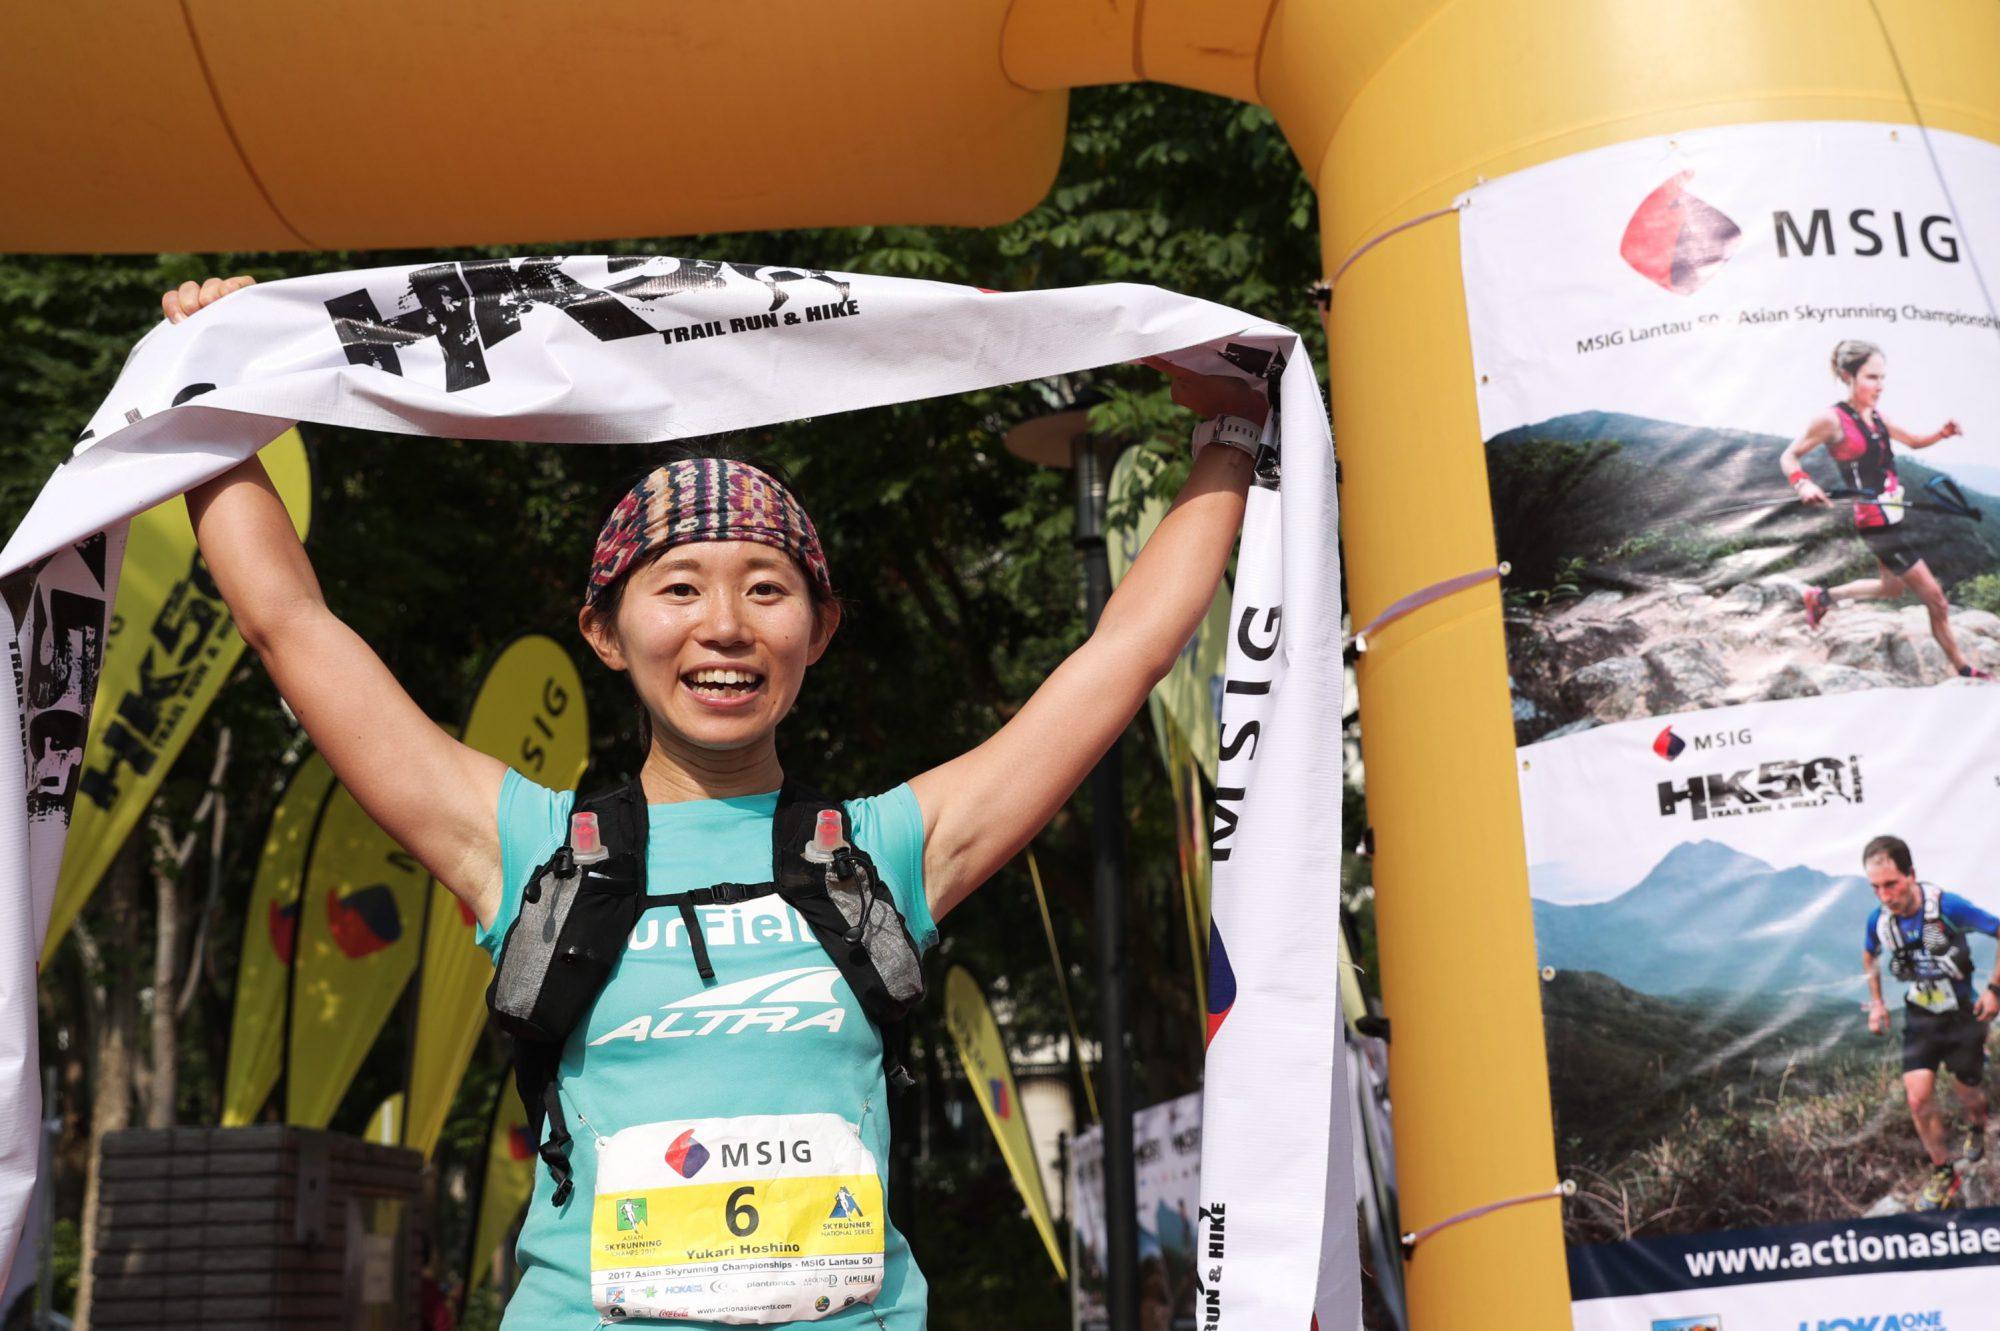 星野由香理はVK、SKY、ULTRAの3種目でアジア選手権のメダル獲得という快挙を達成 ©Action Asia Events